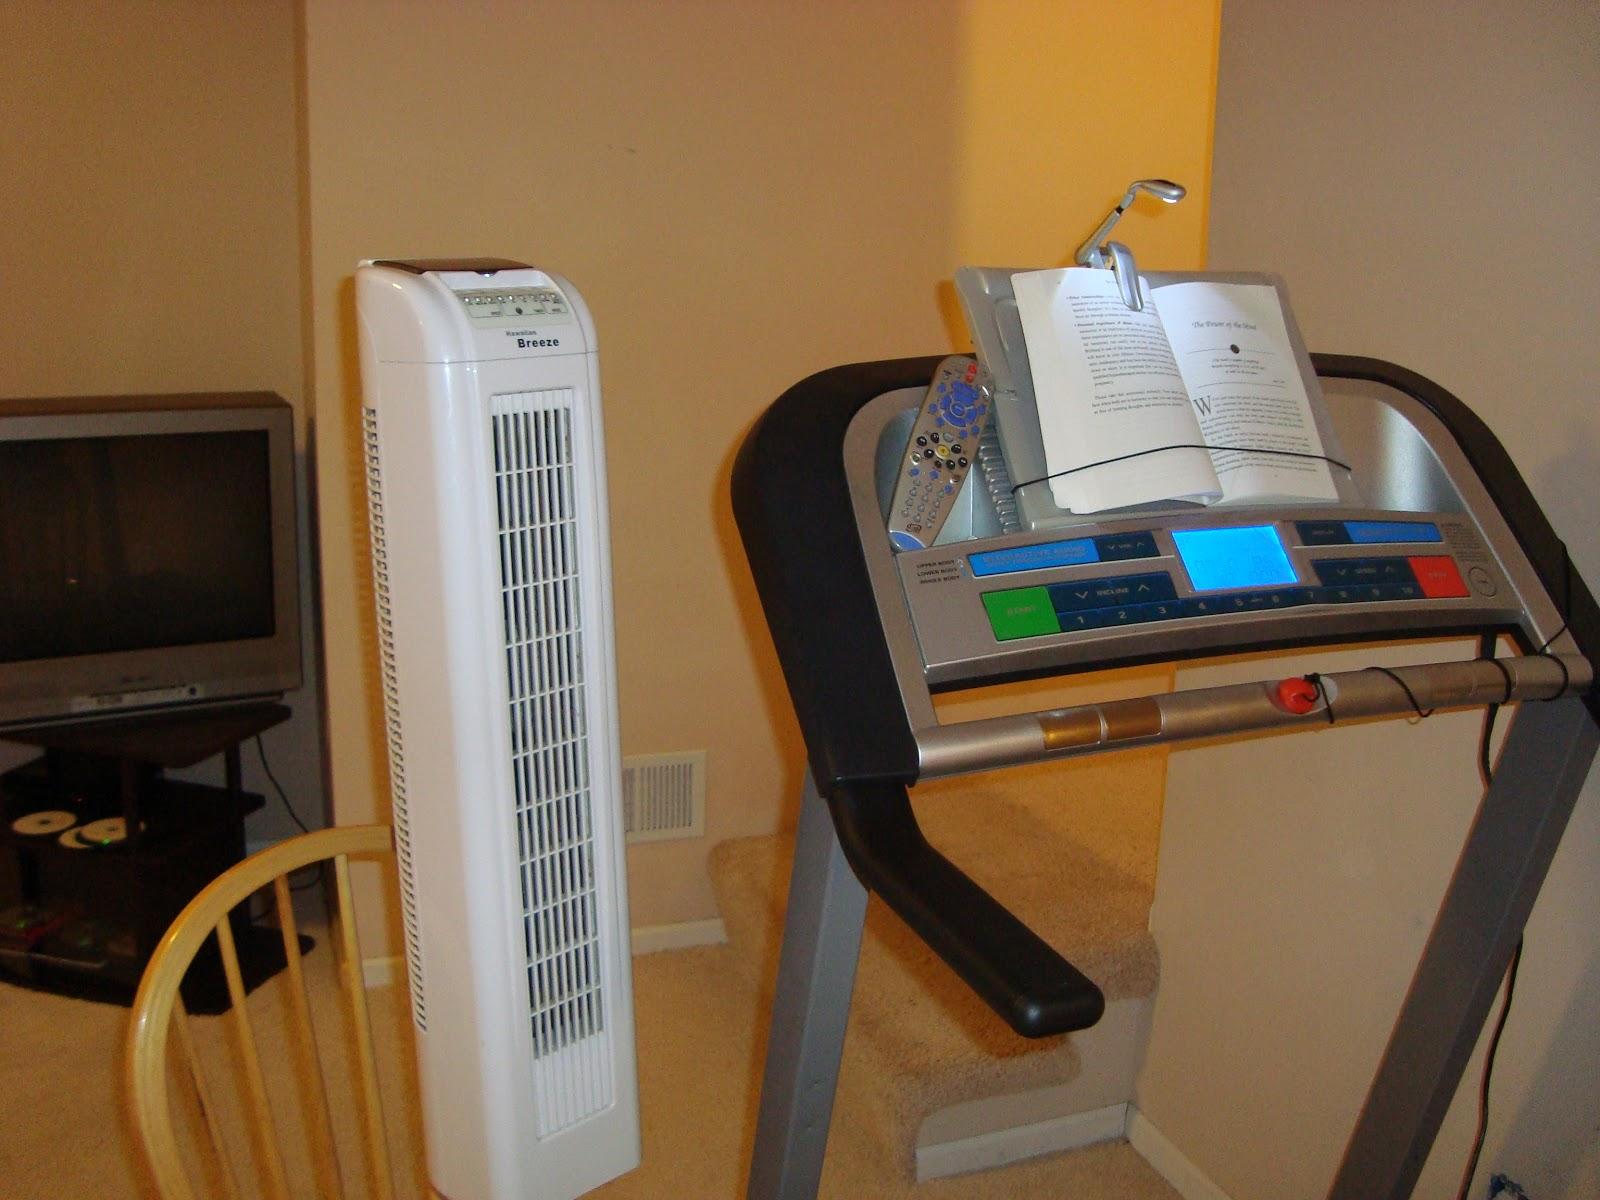 http://3.bp.blogspot.com/-zr9Wj4mdb8Q/ULTQkARNQfI/AAAAAAAAKww/mgx-SyoUkwc/s1600/Prenatal+Workouts+30+weeks+067.JPG